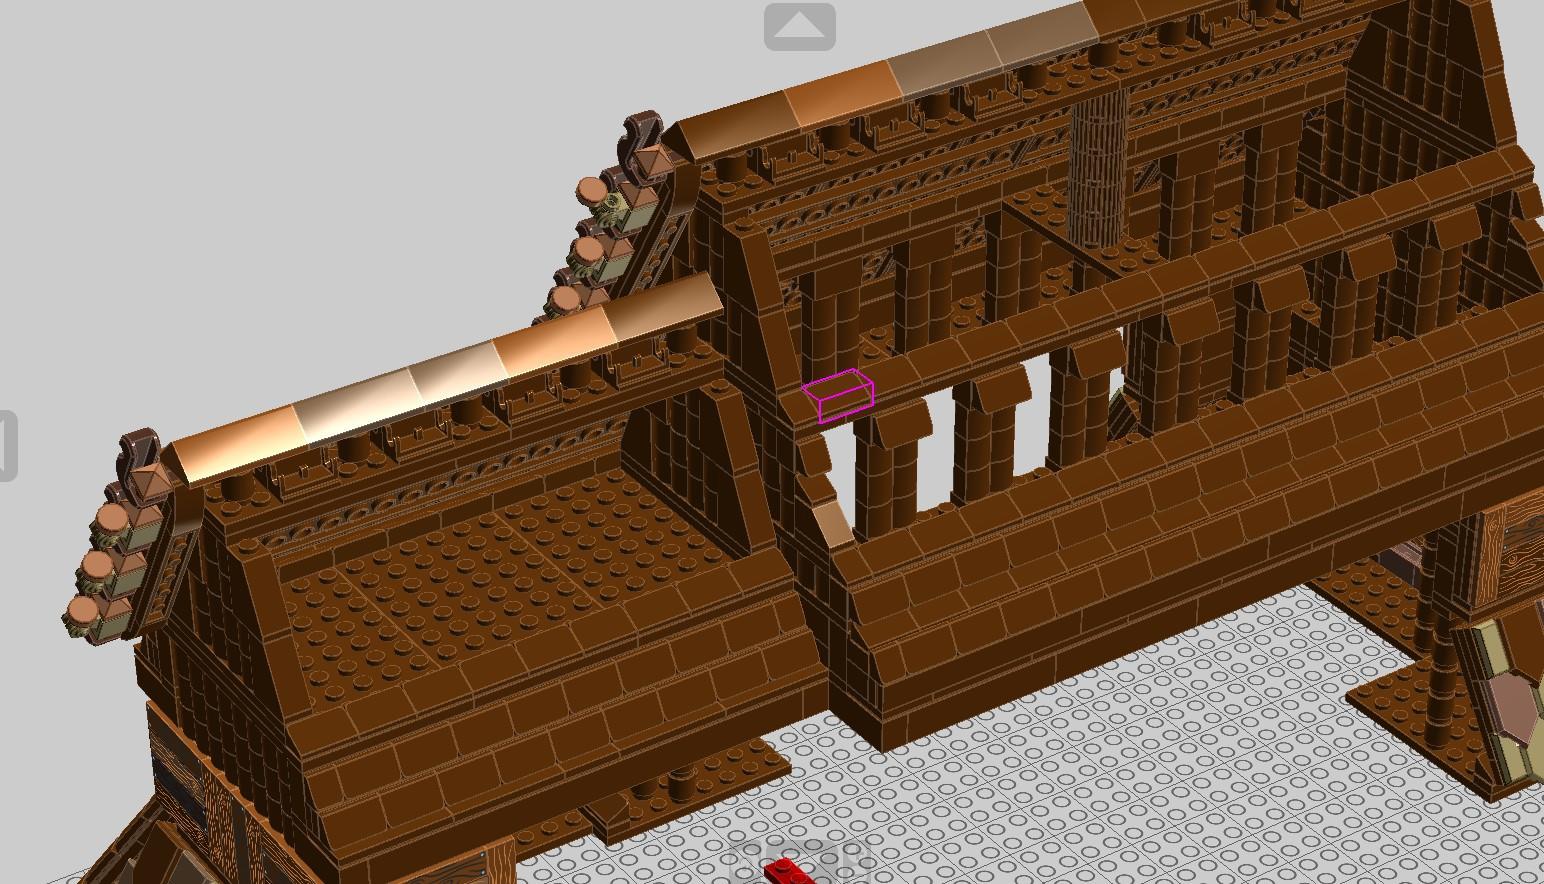 [MOC en projet] Temple, maison, cabane ? 235752Original0026